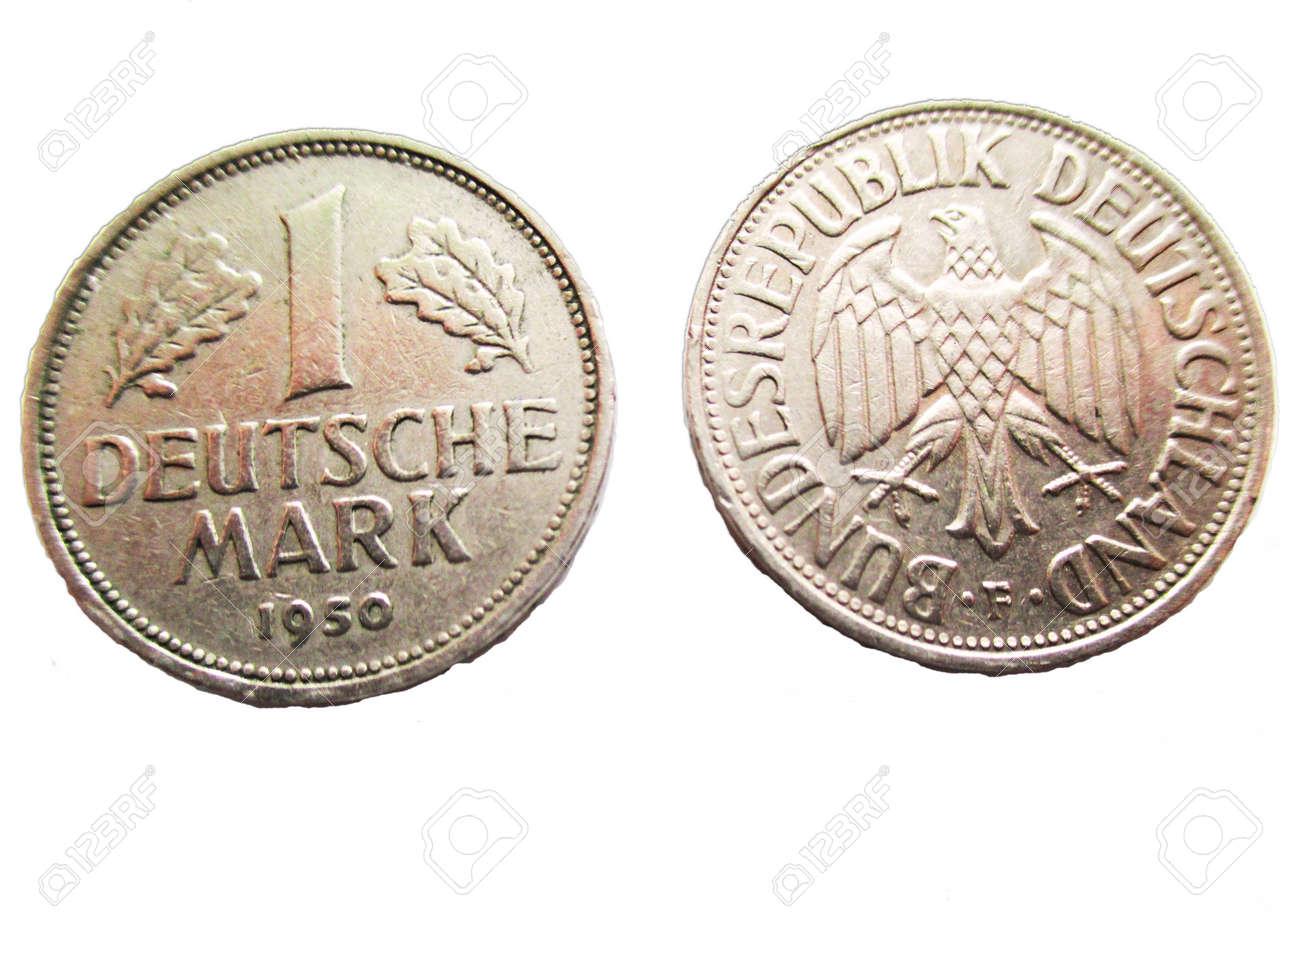 1 Deutsche Mark Münzen Lizenzfreie Fotos Bilder Und Stock